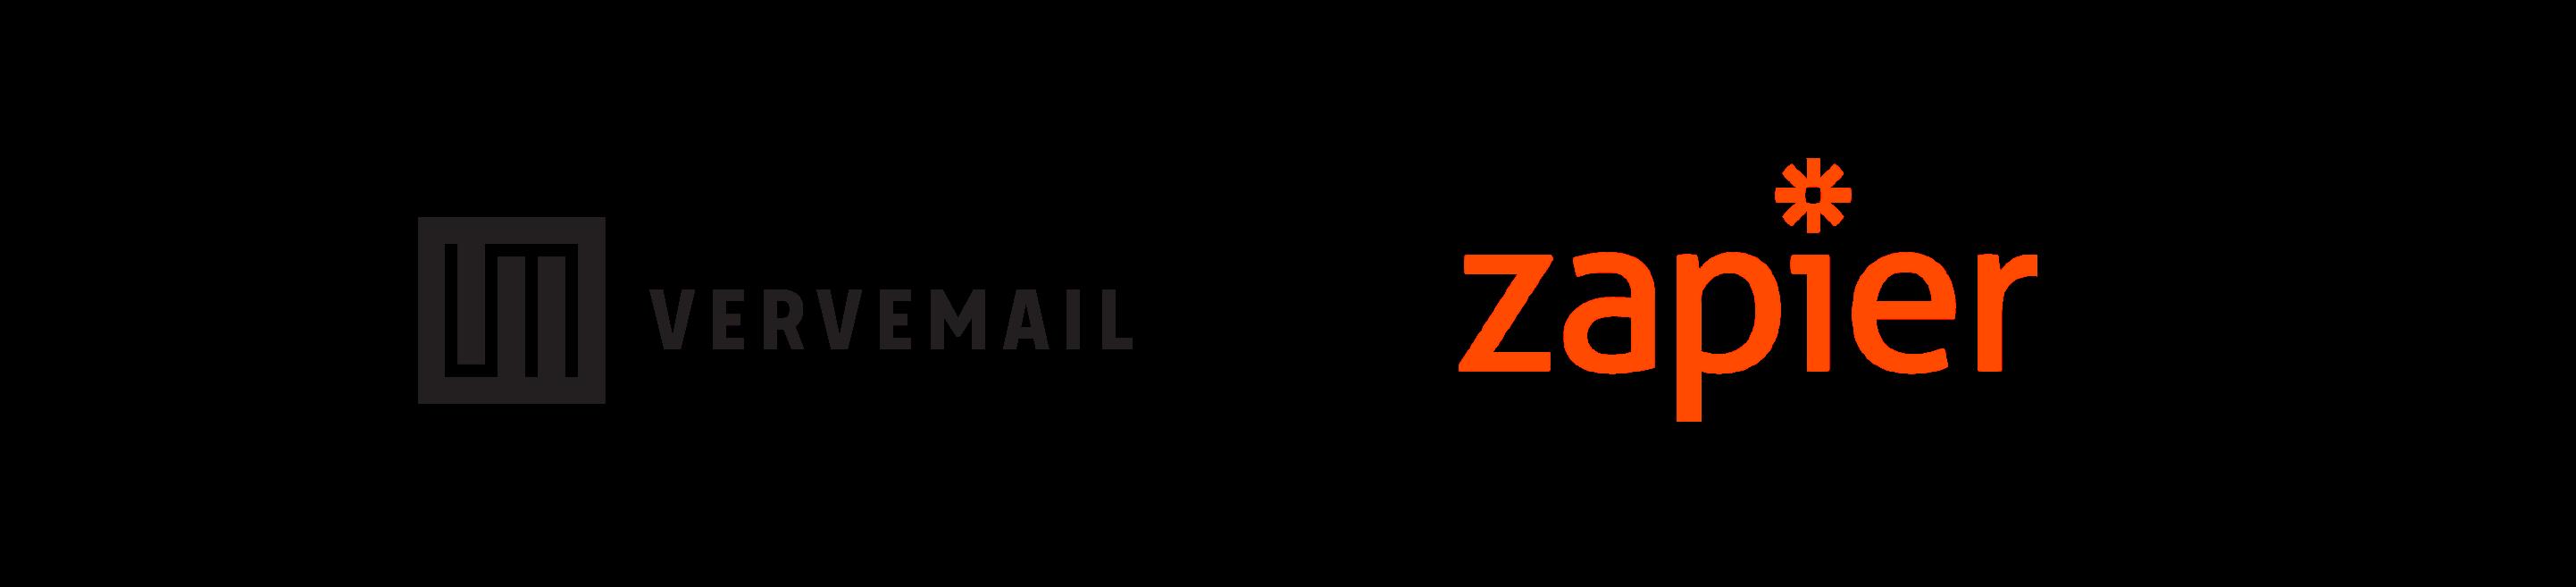 VerveMail + Zapier